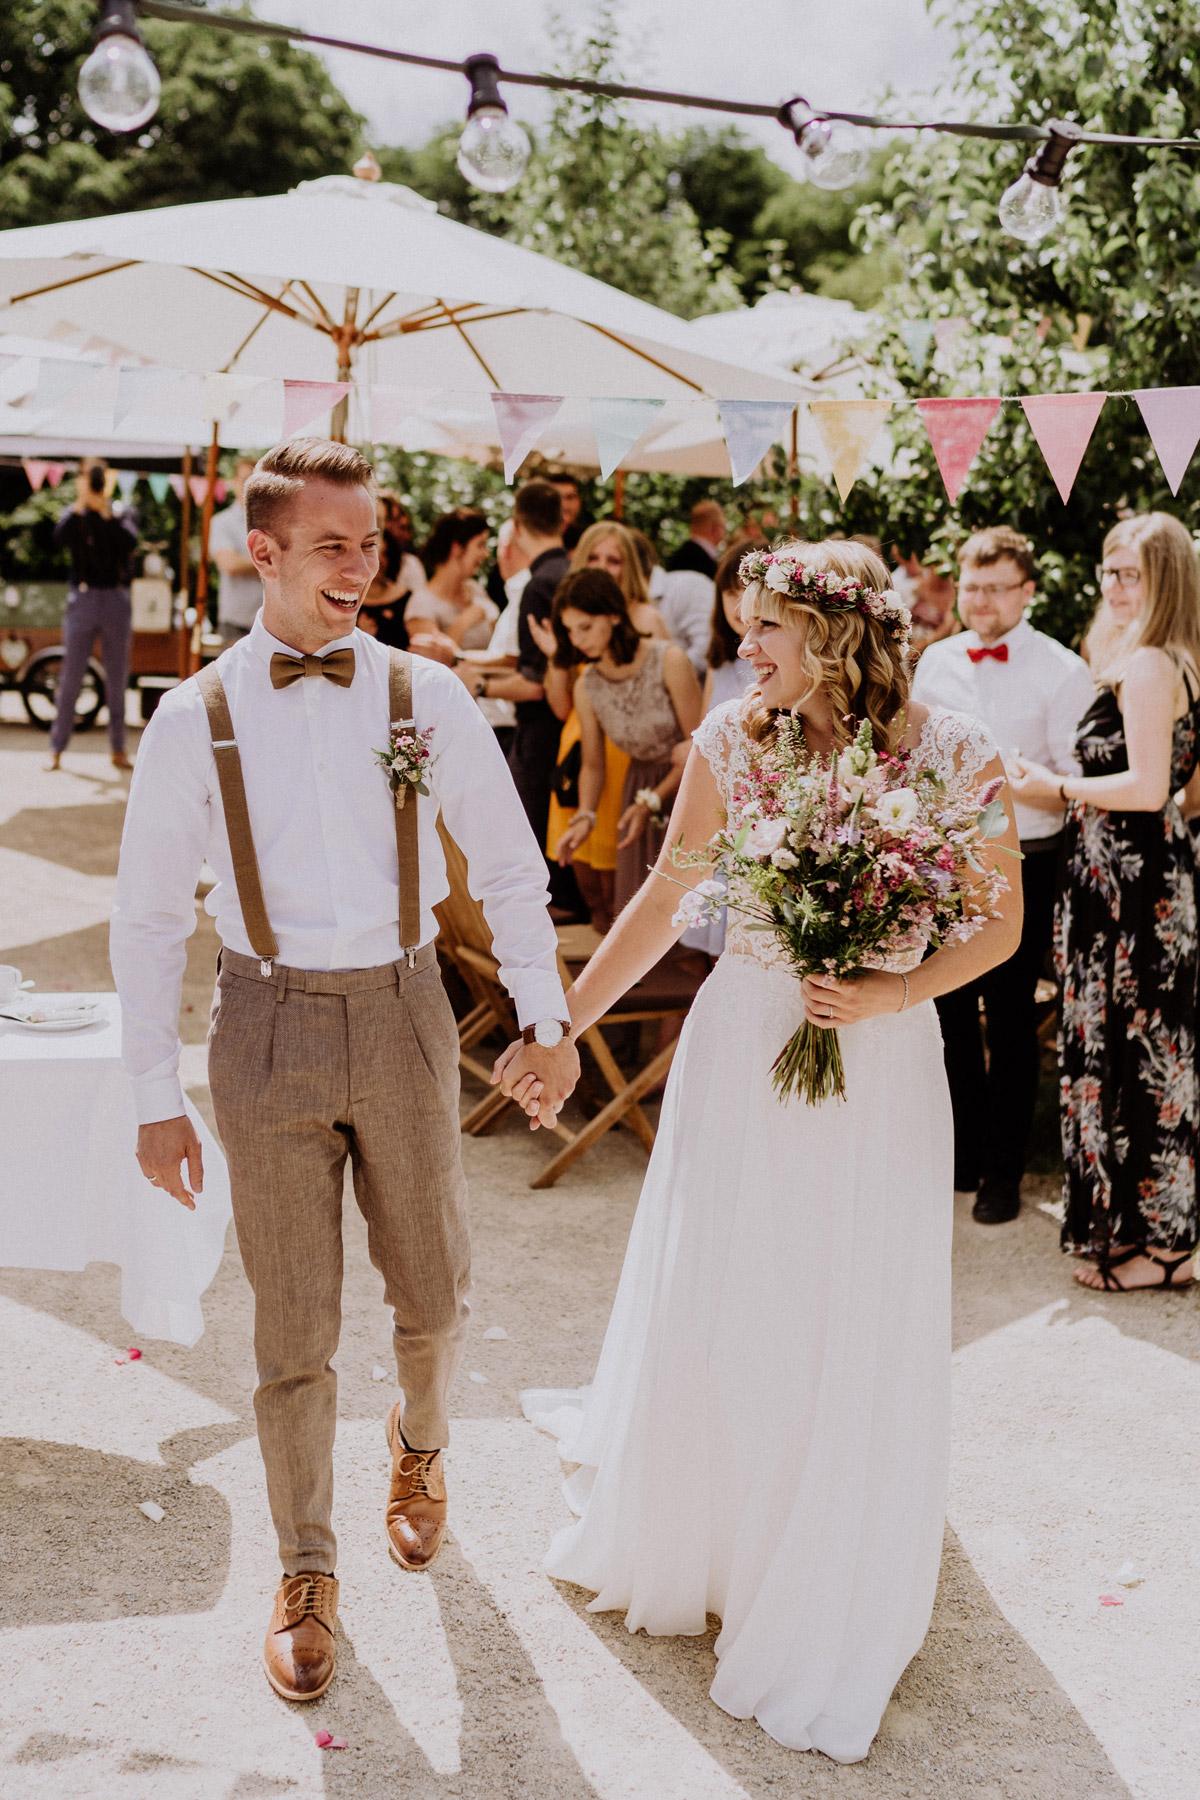 Fotos Hochzeit Ideen Brautpaar Hand in Hand nach freier Trauung lacht sich glücklich an